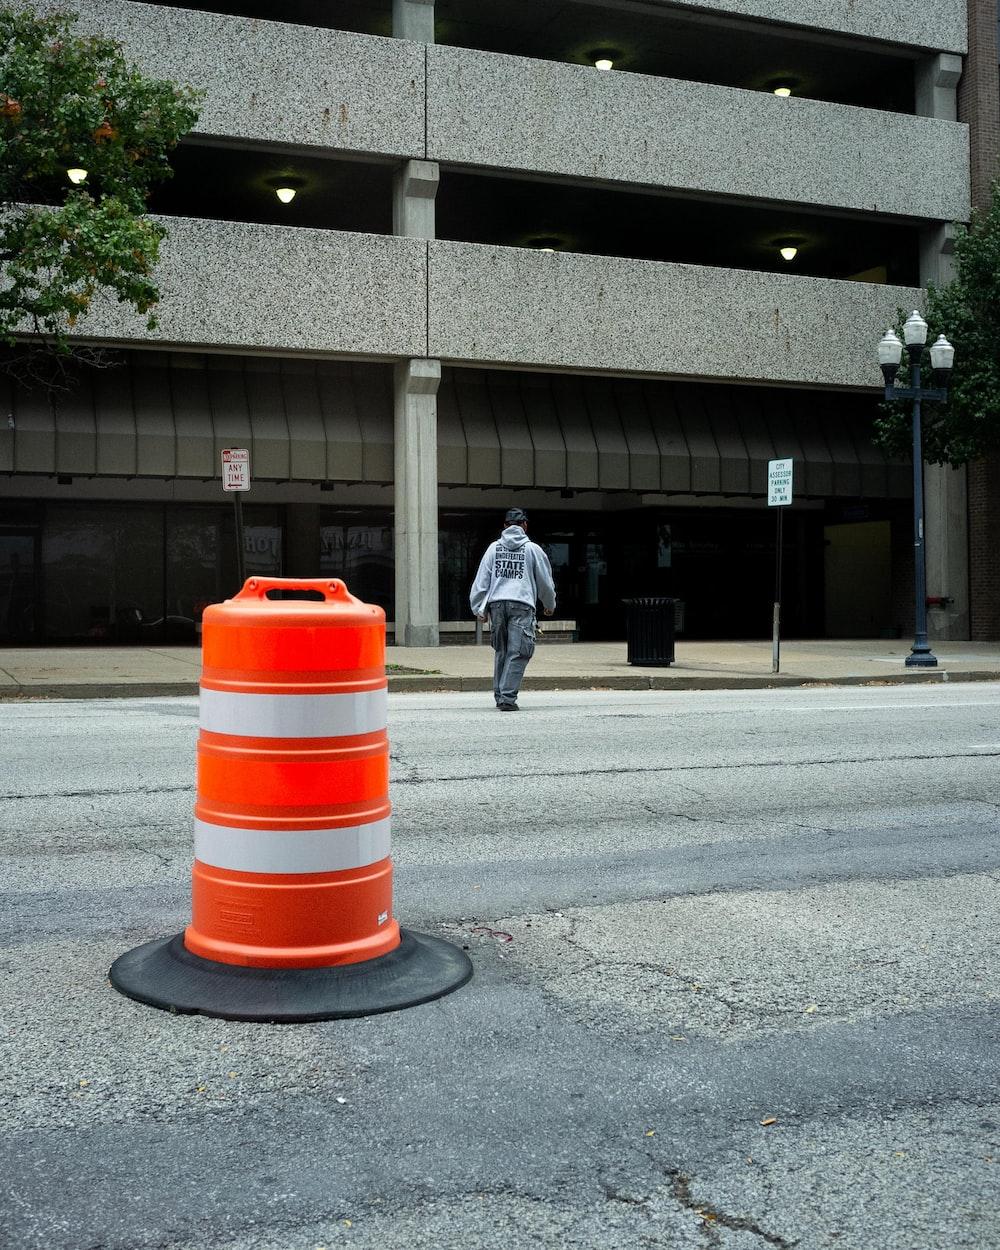 round orange and white striped traffic cone